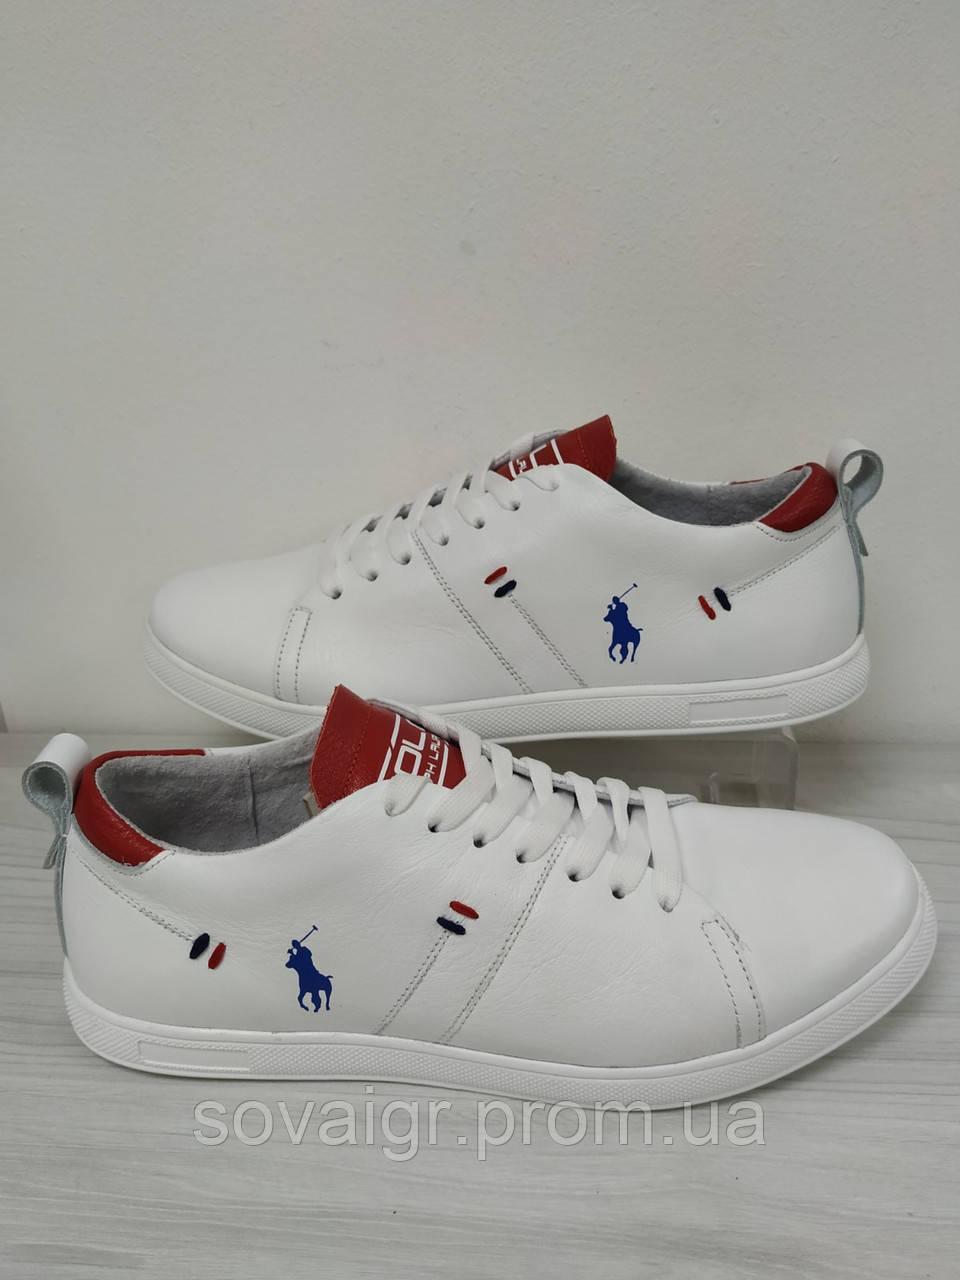 Кеды кожаные белые мужские Polo Ralph Lauren!!! Акция!! - 40%